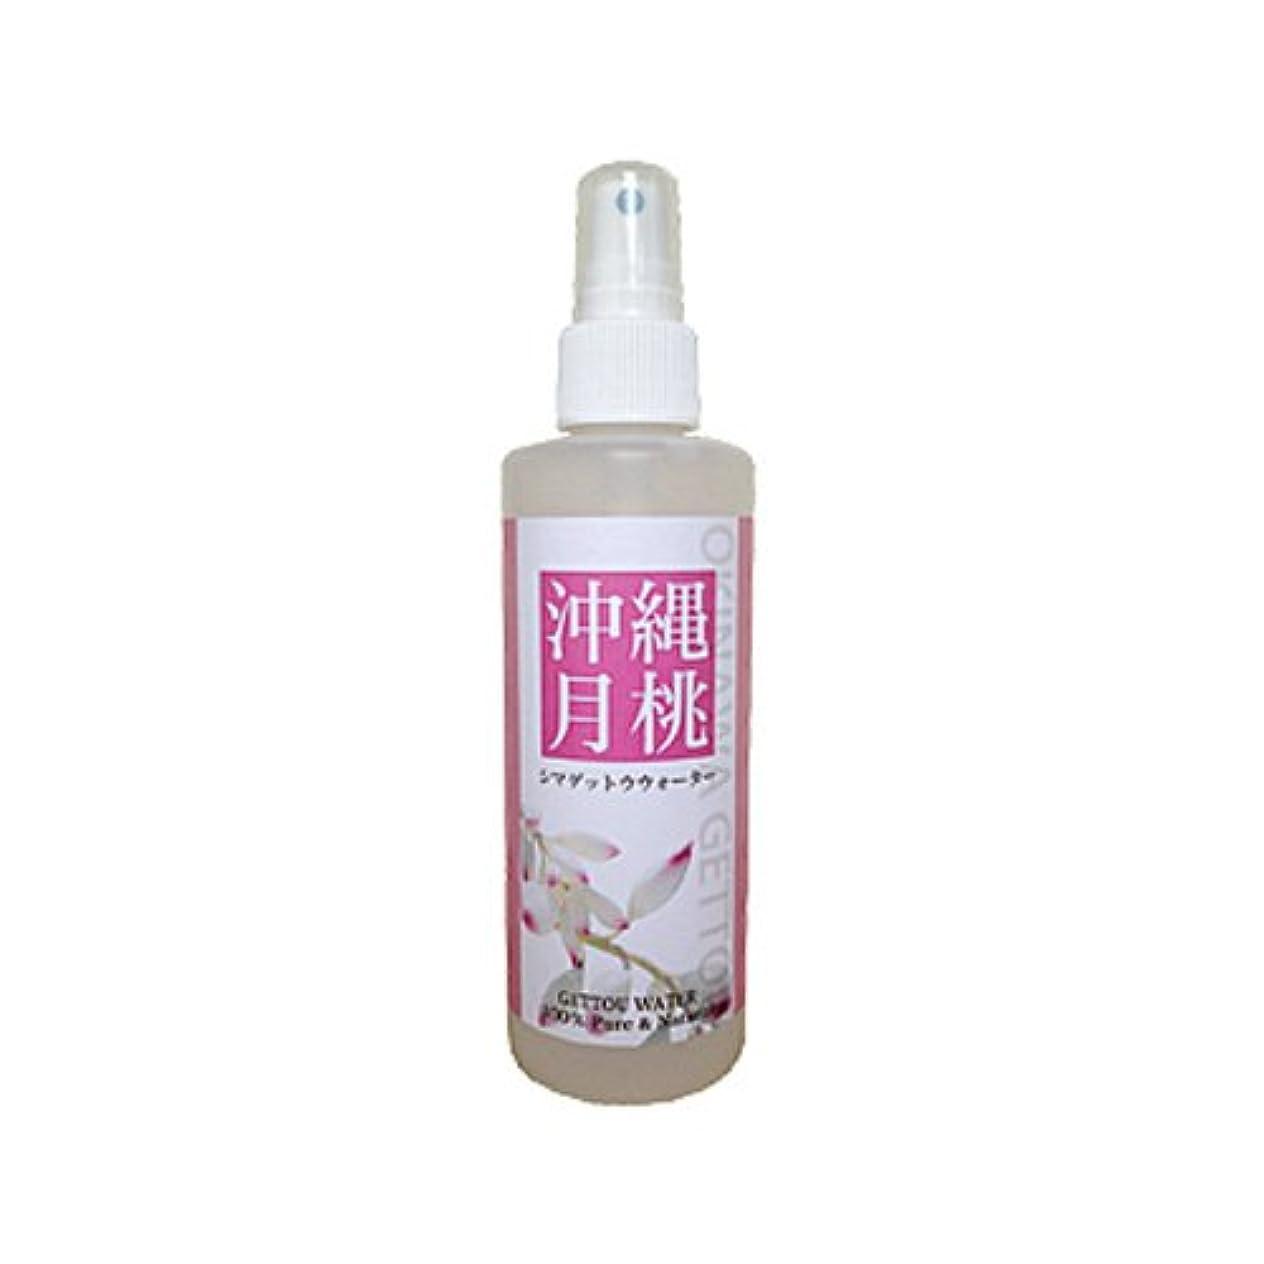 に対処するエネルギー歪める月桃蒸留水 フローラルウォーター シマ月桃葉100%使用 200ml